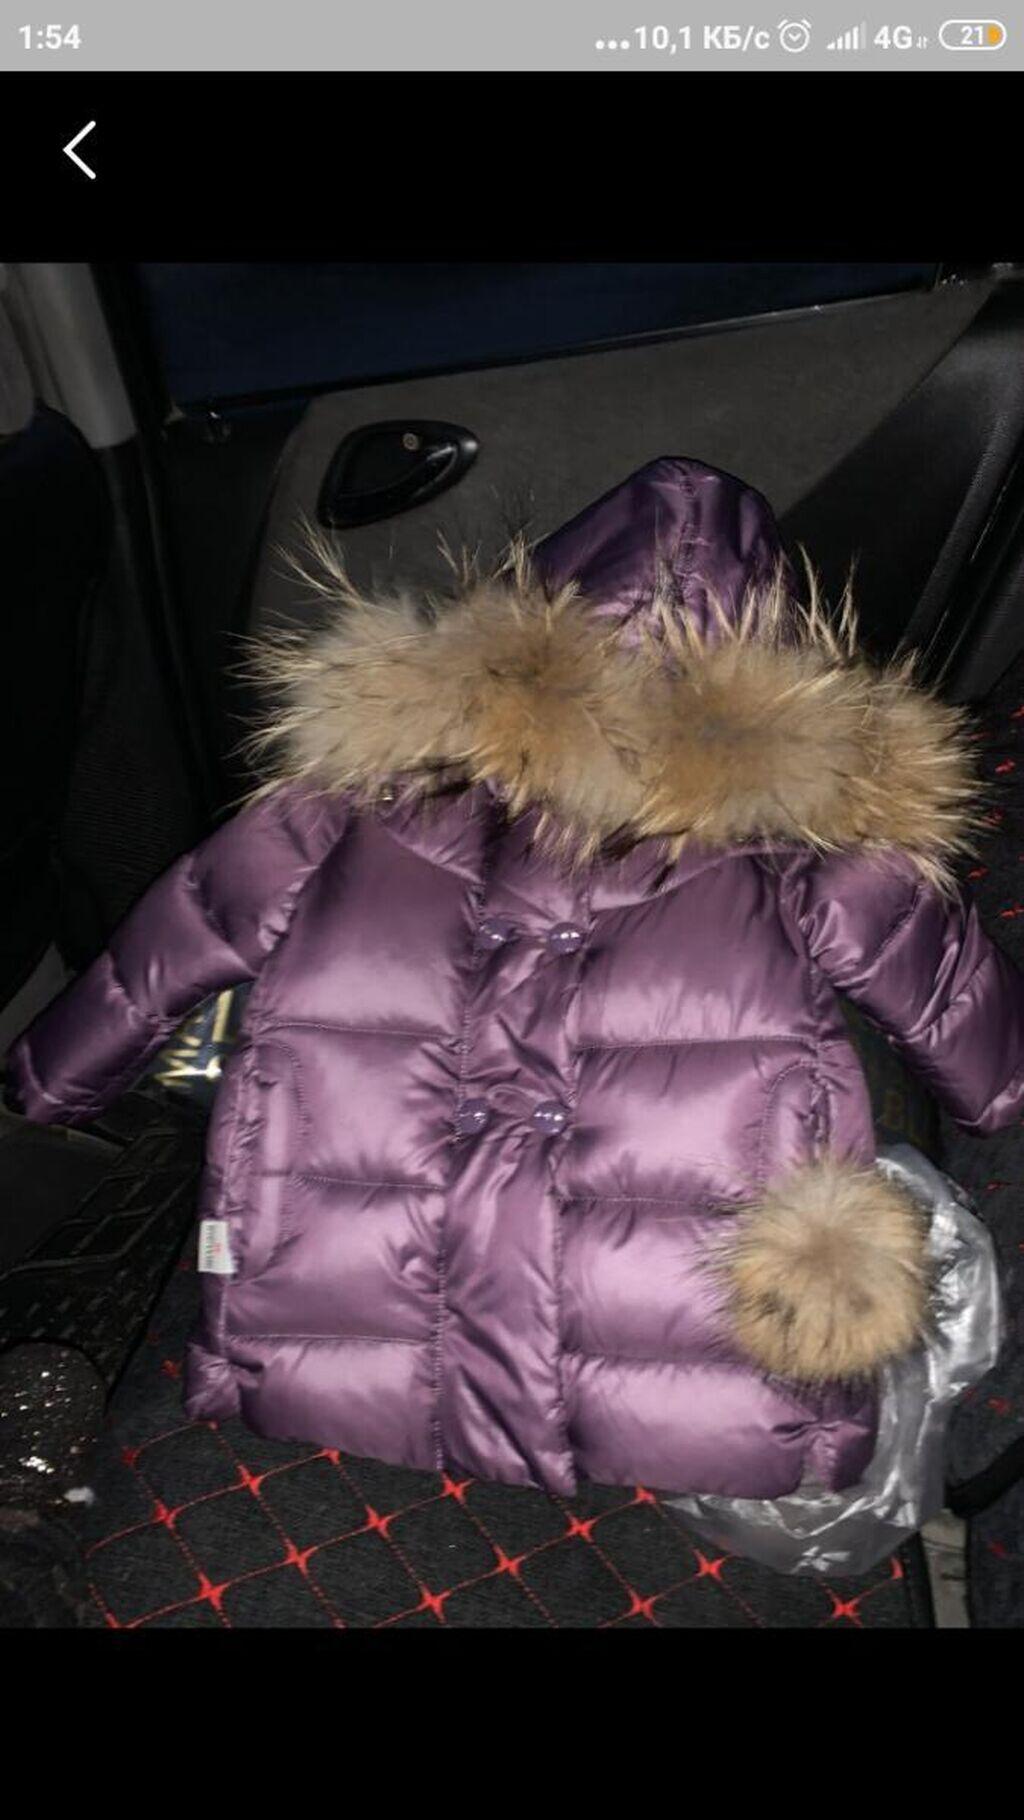 Зима состояние  отличное  супер очень  тёплая одета  мало размер  ростовка 80 подойдёт  от1 года до 2 лет куплен  за 2500 одам 1200 с